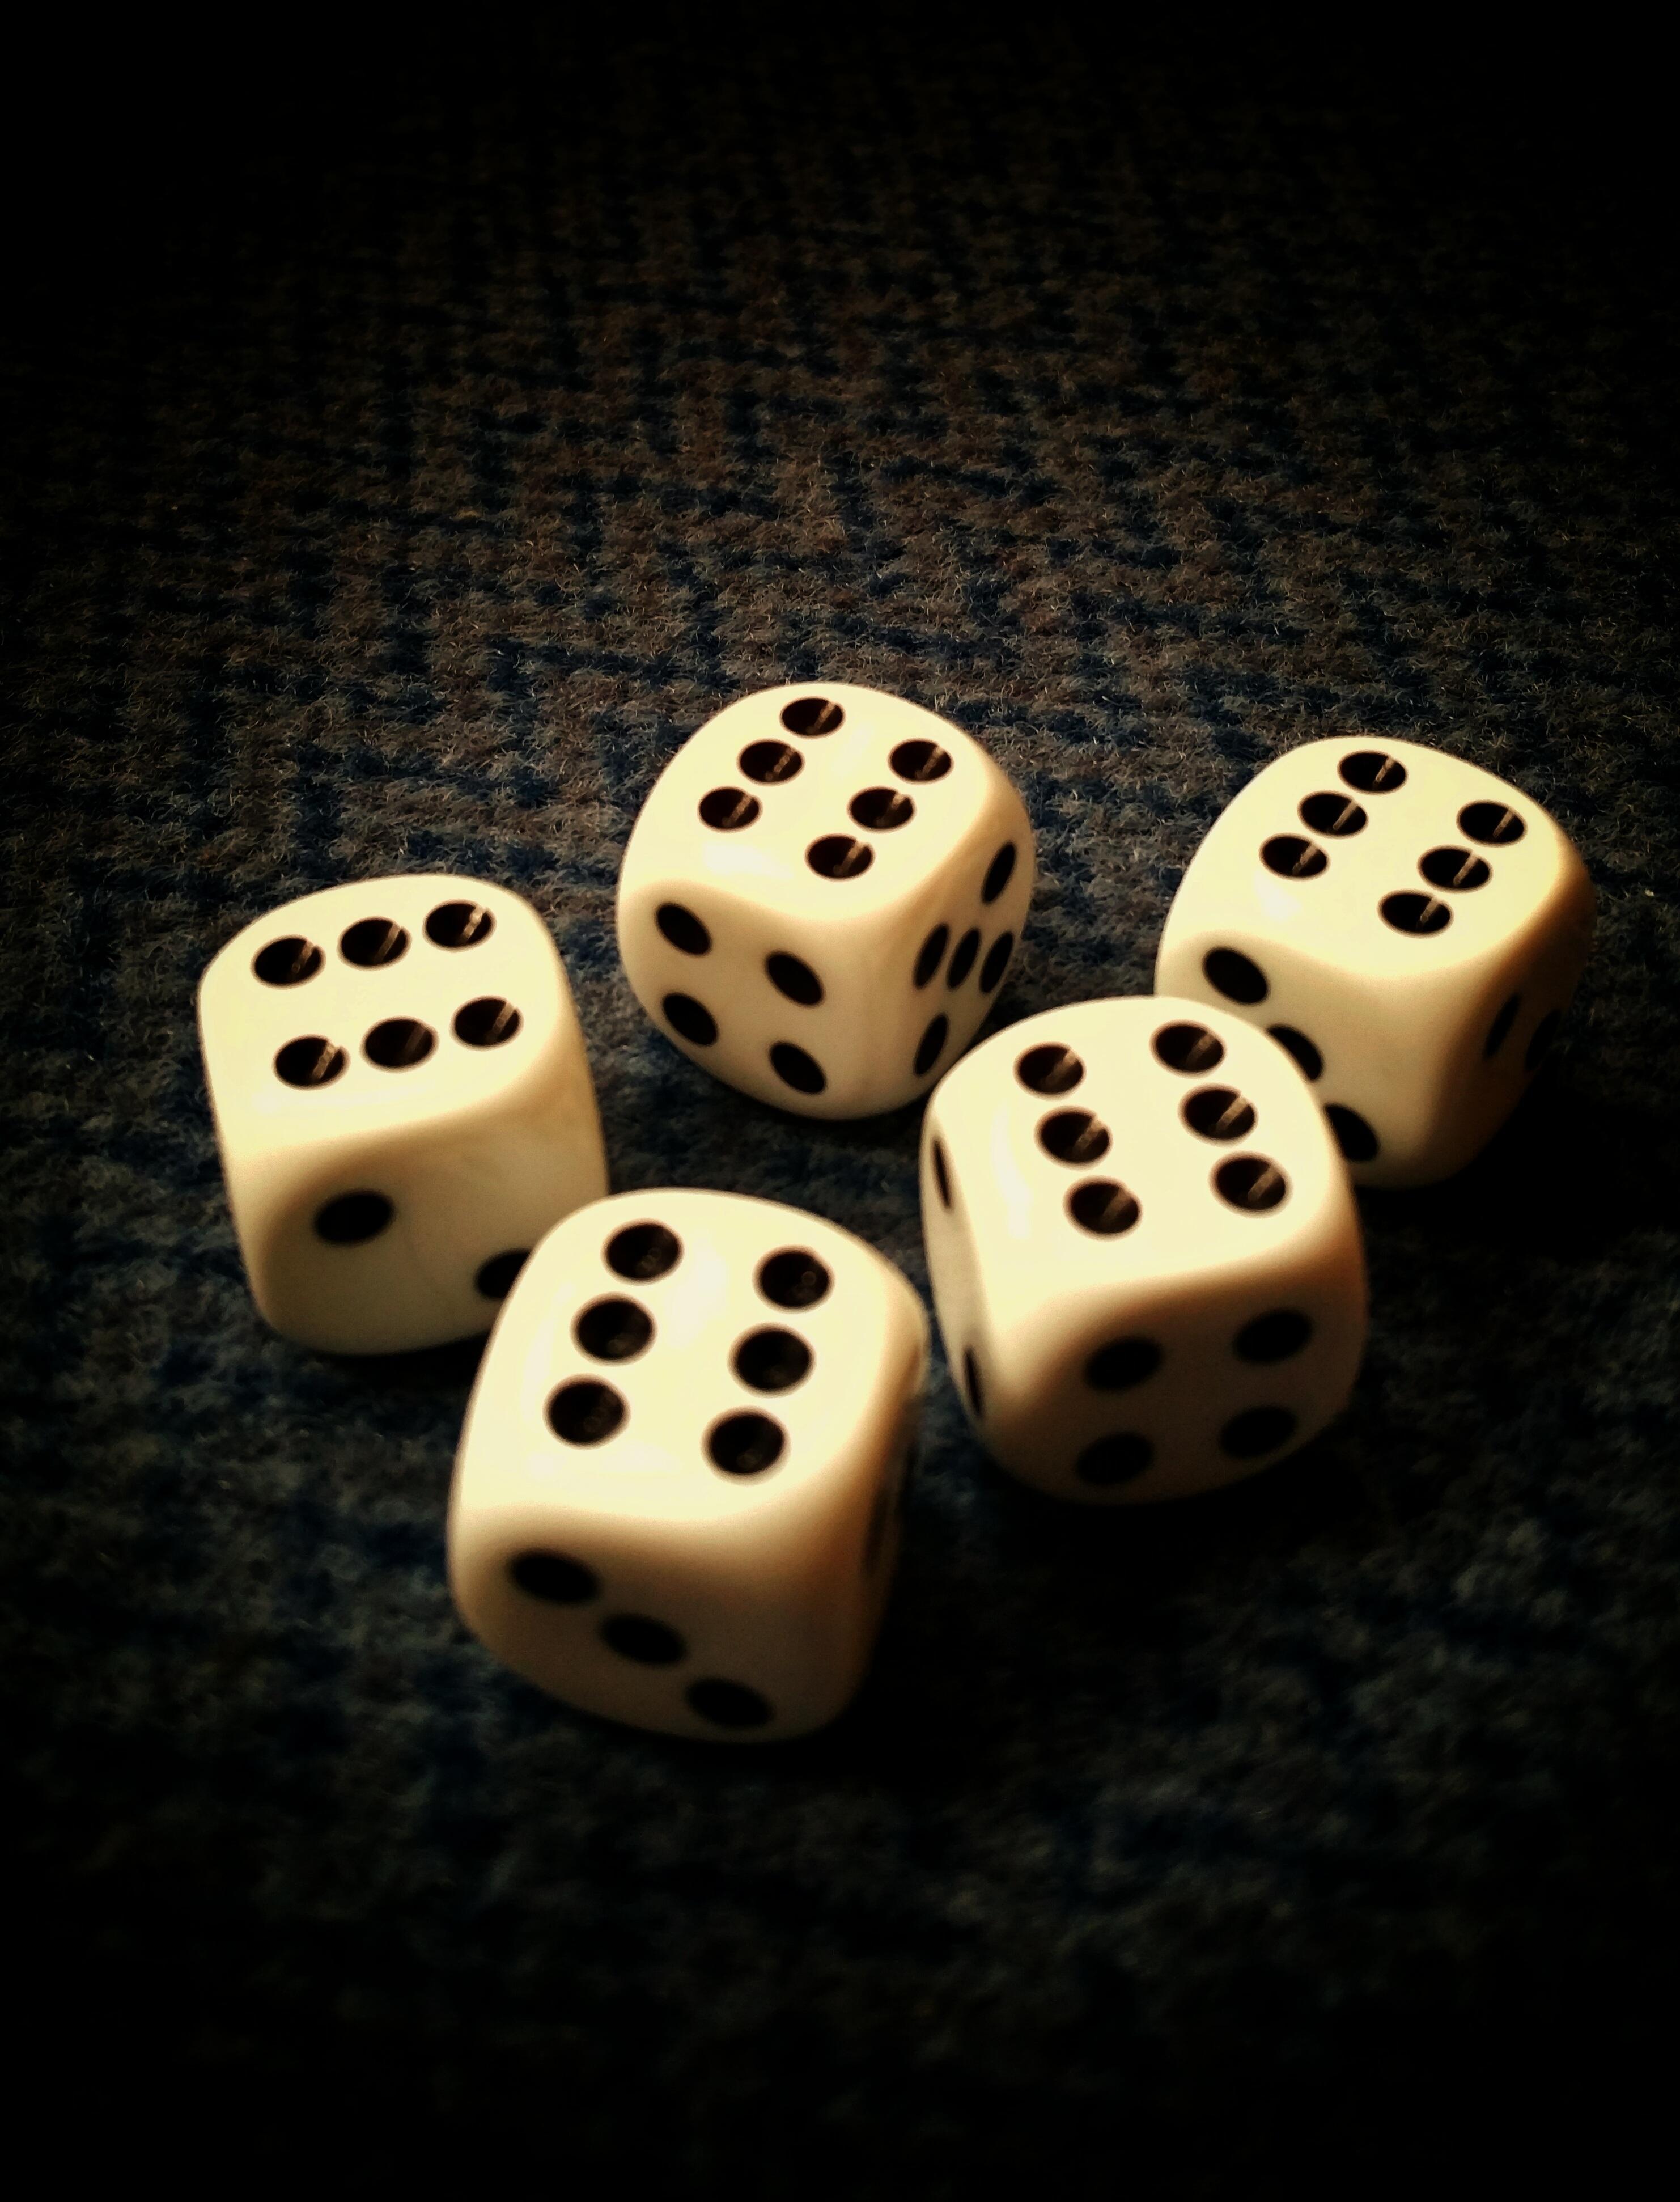 Würfelspiel Mit 5 Würfeln